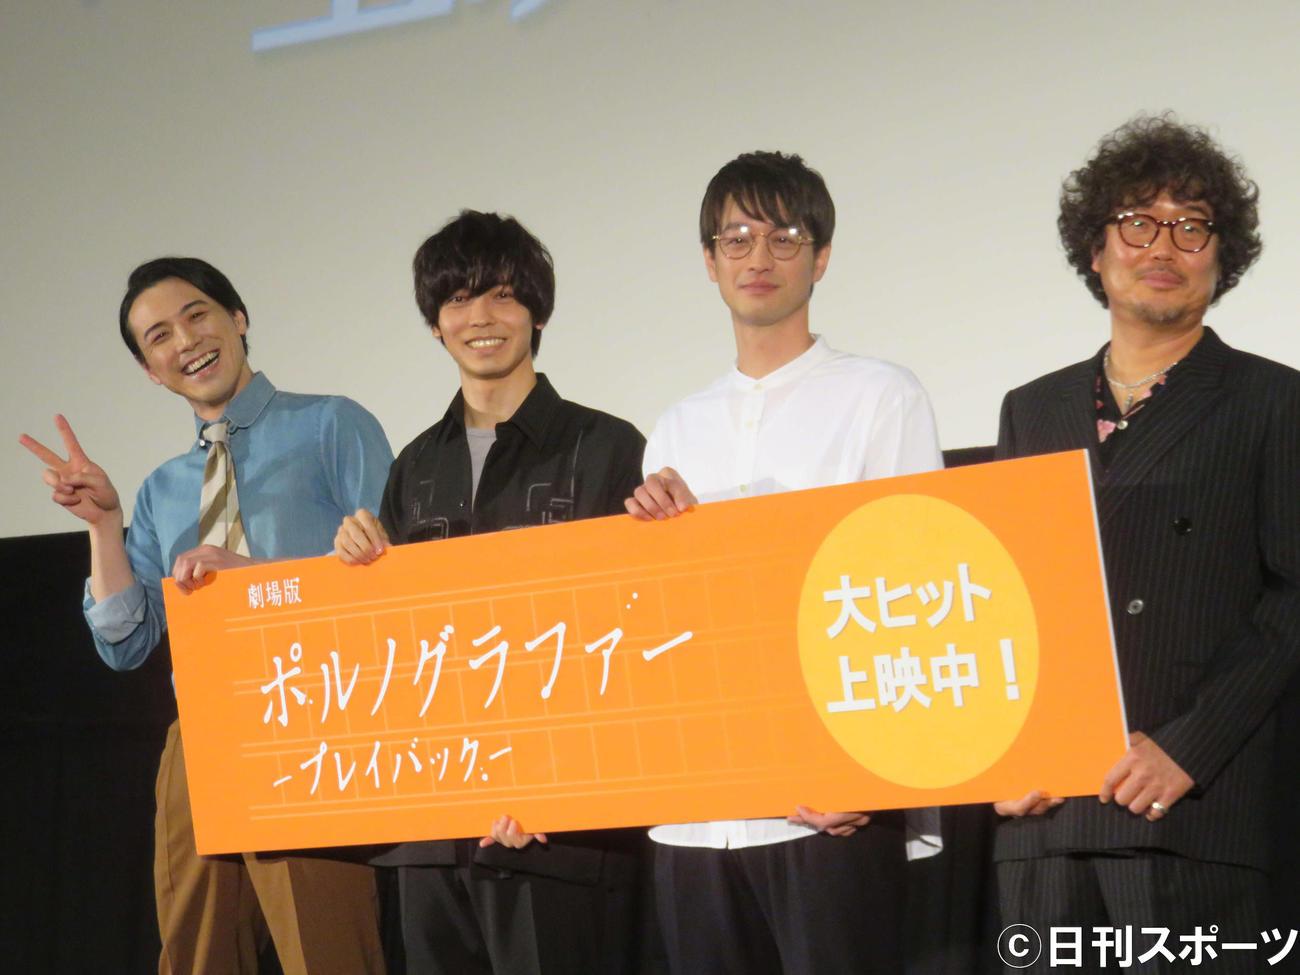 左から吉田宗洋、猪塚健太、竹財輝之助、三木康一郎監督